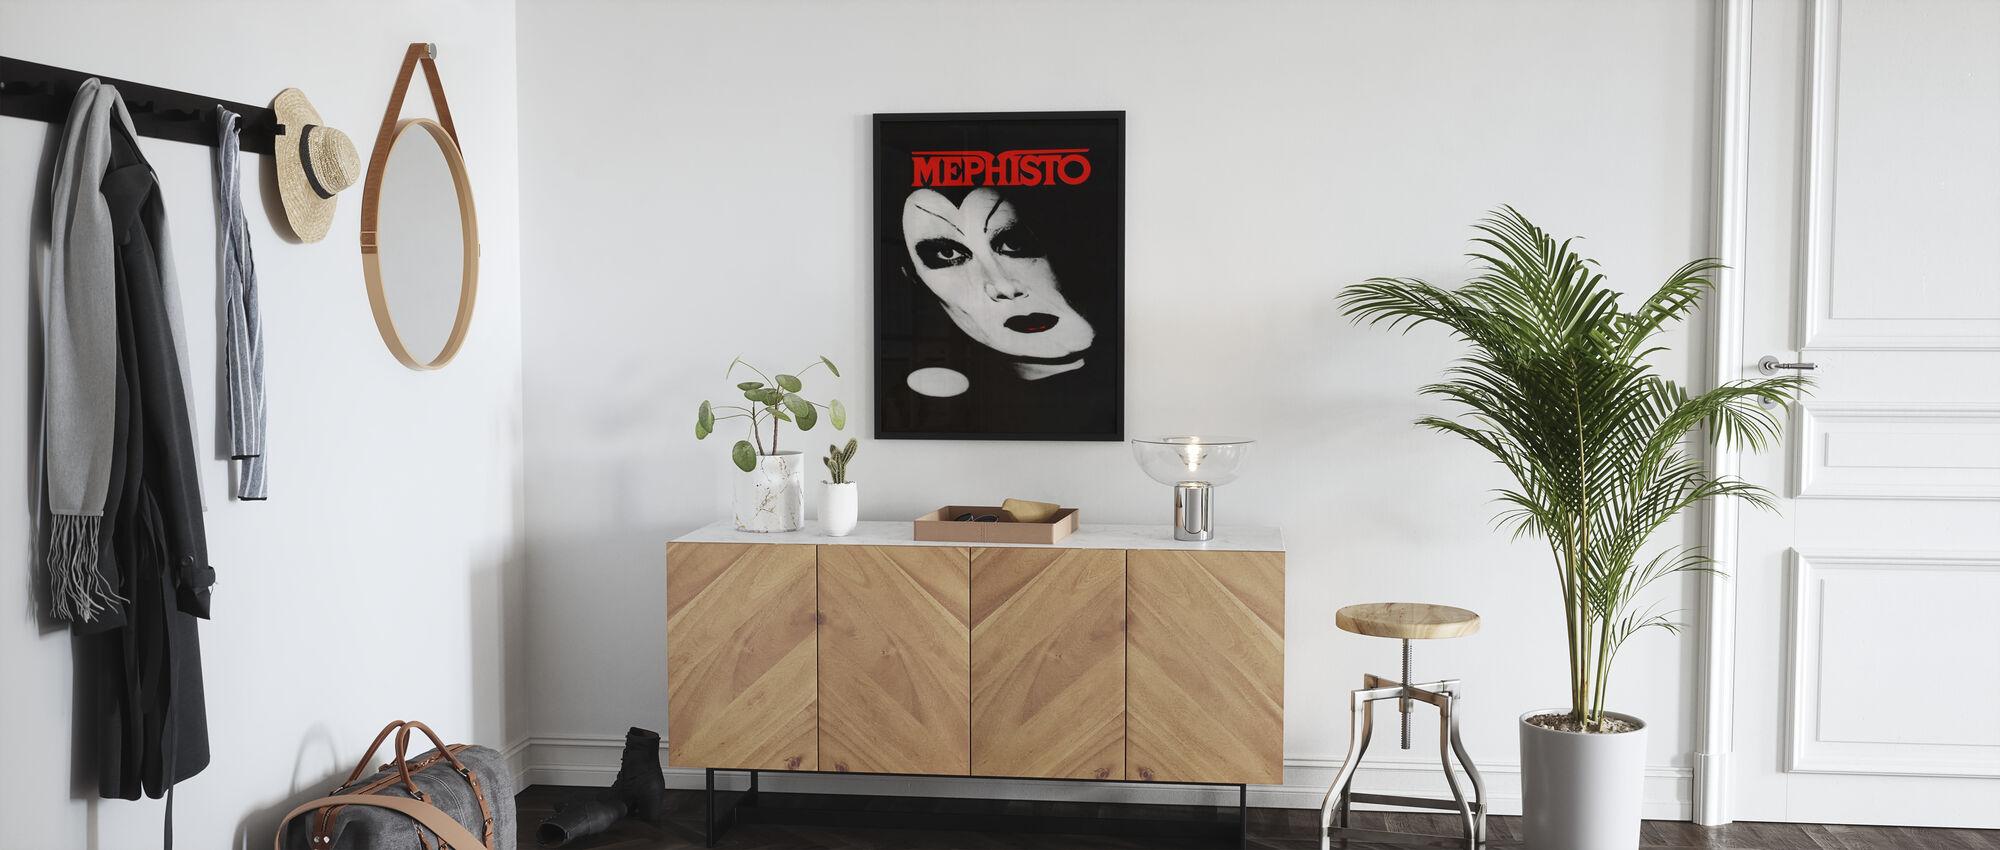 Mephisto - Istvan Szabo - Poster - Flur